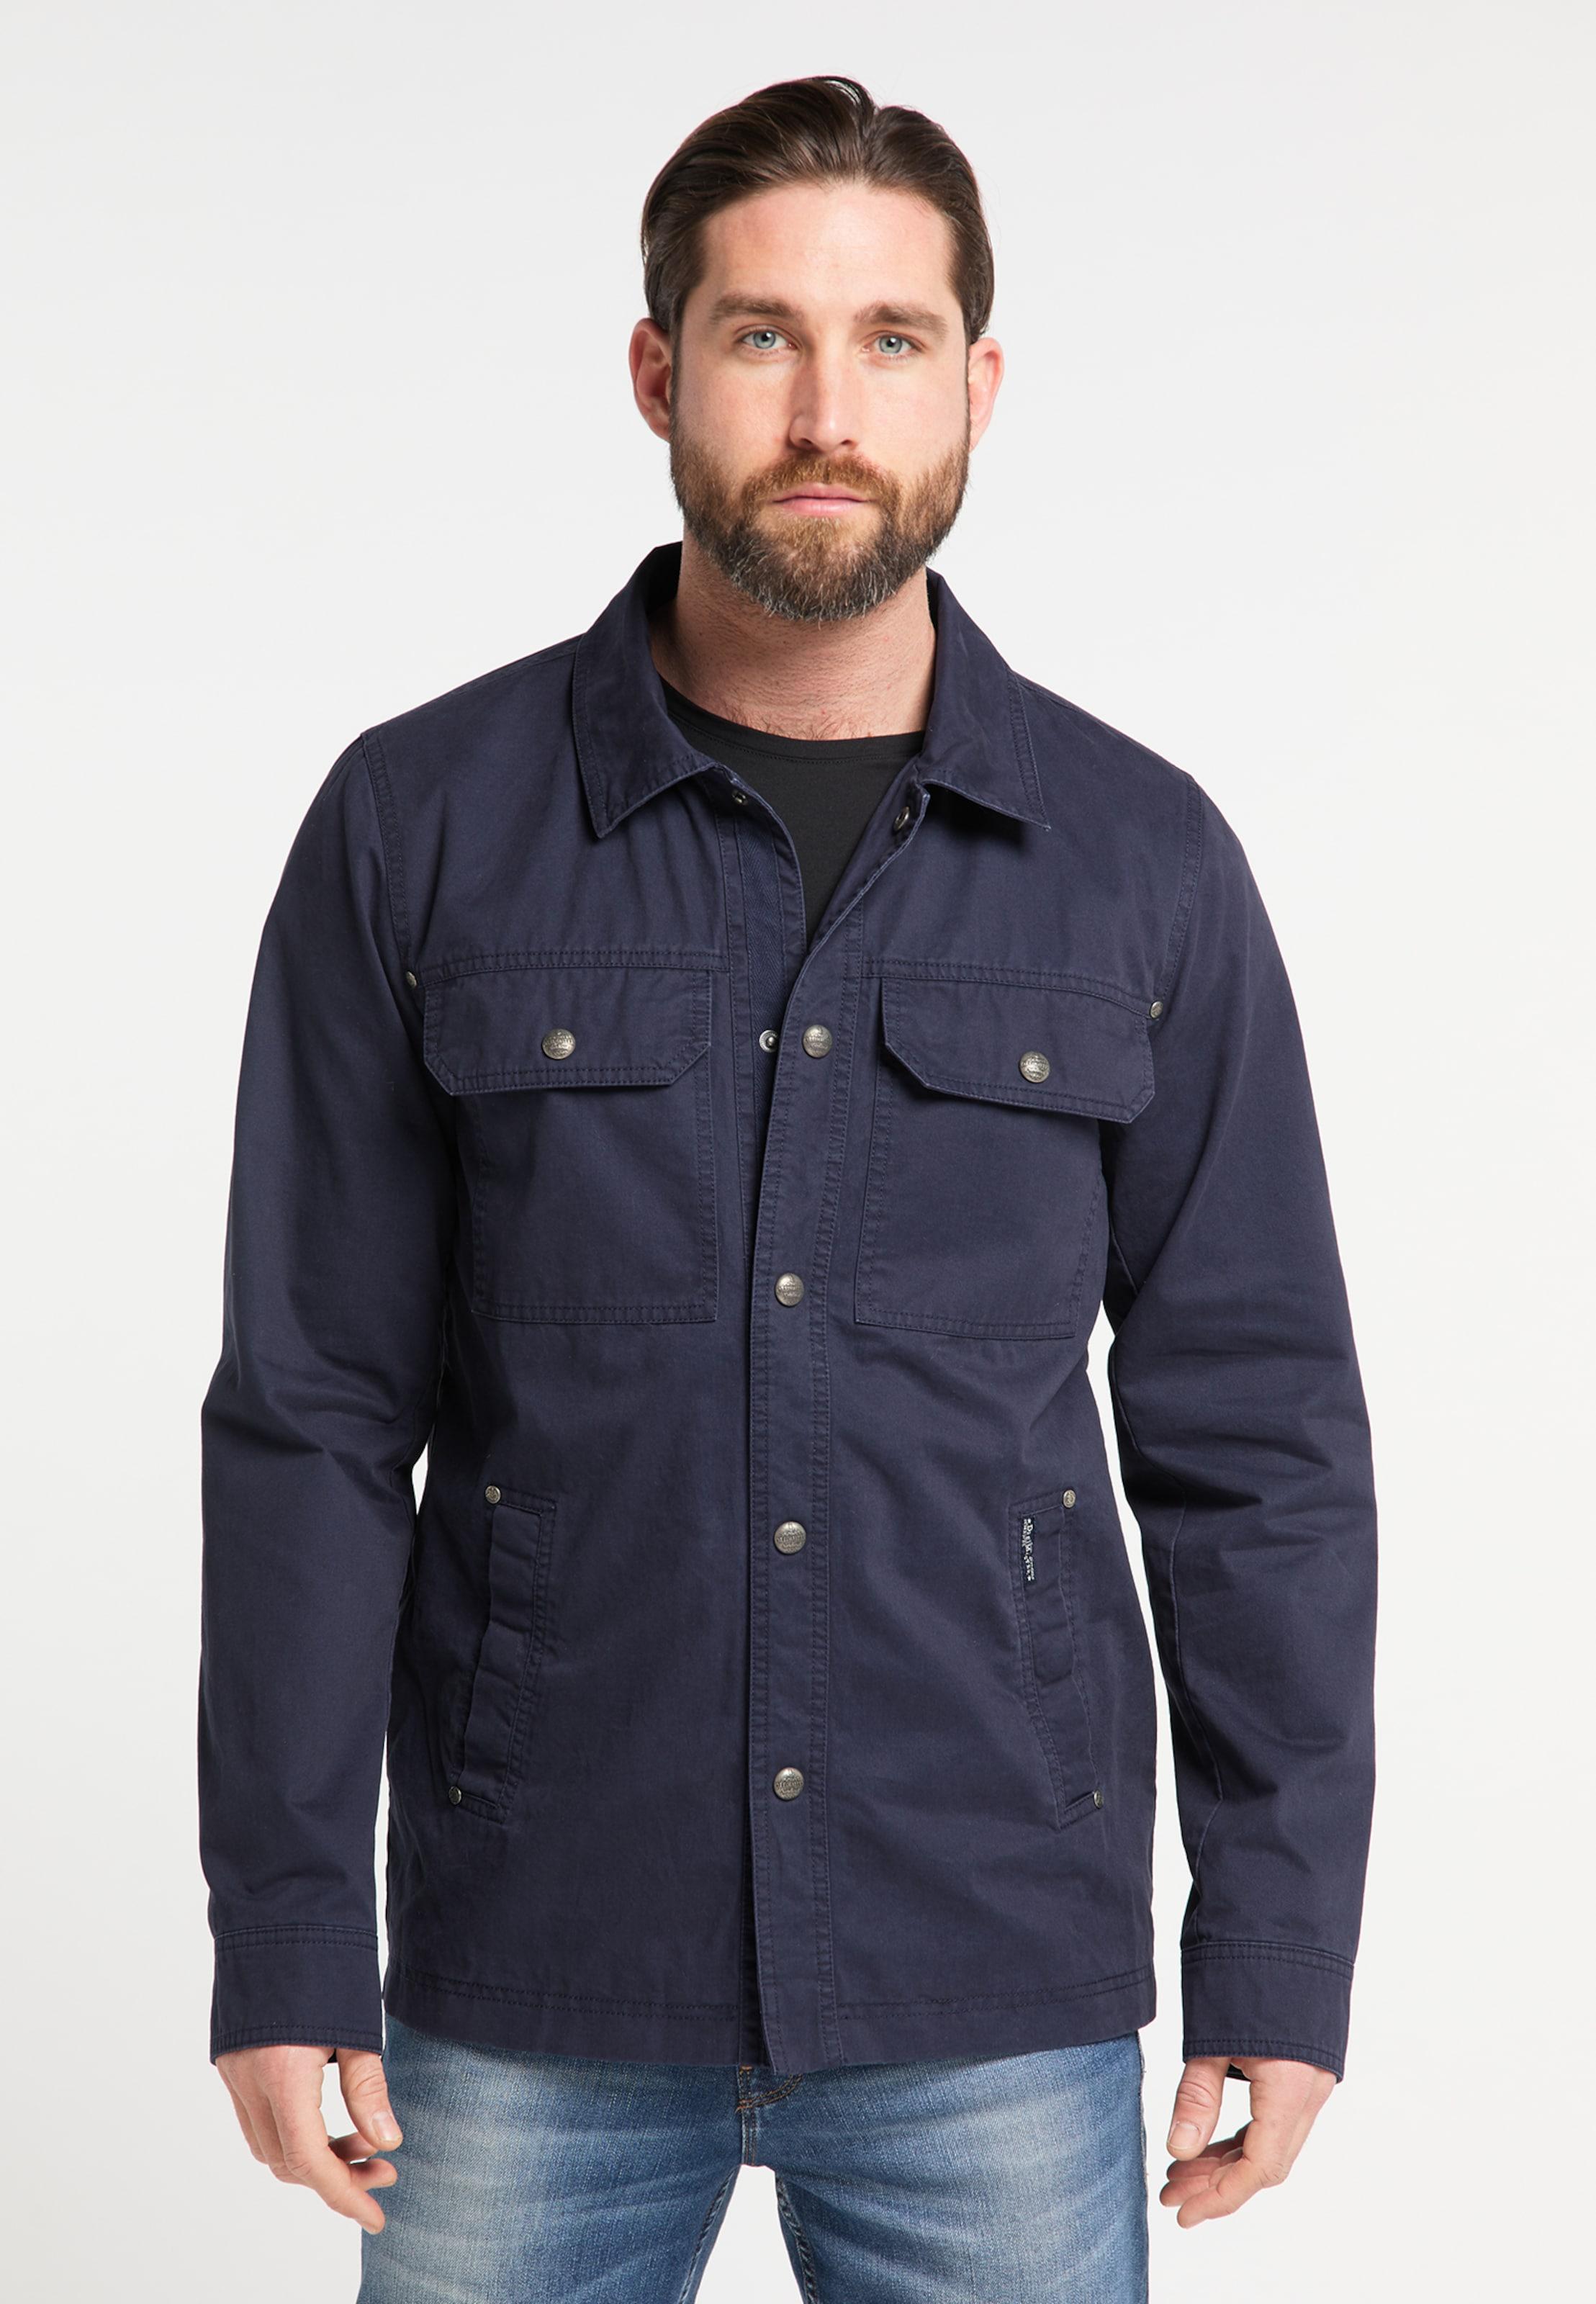 DREIMASTER Jacke in nachtblau Unifarben 4251686656111